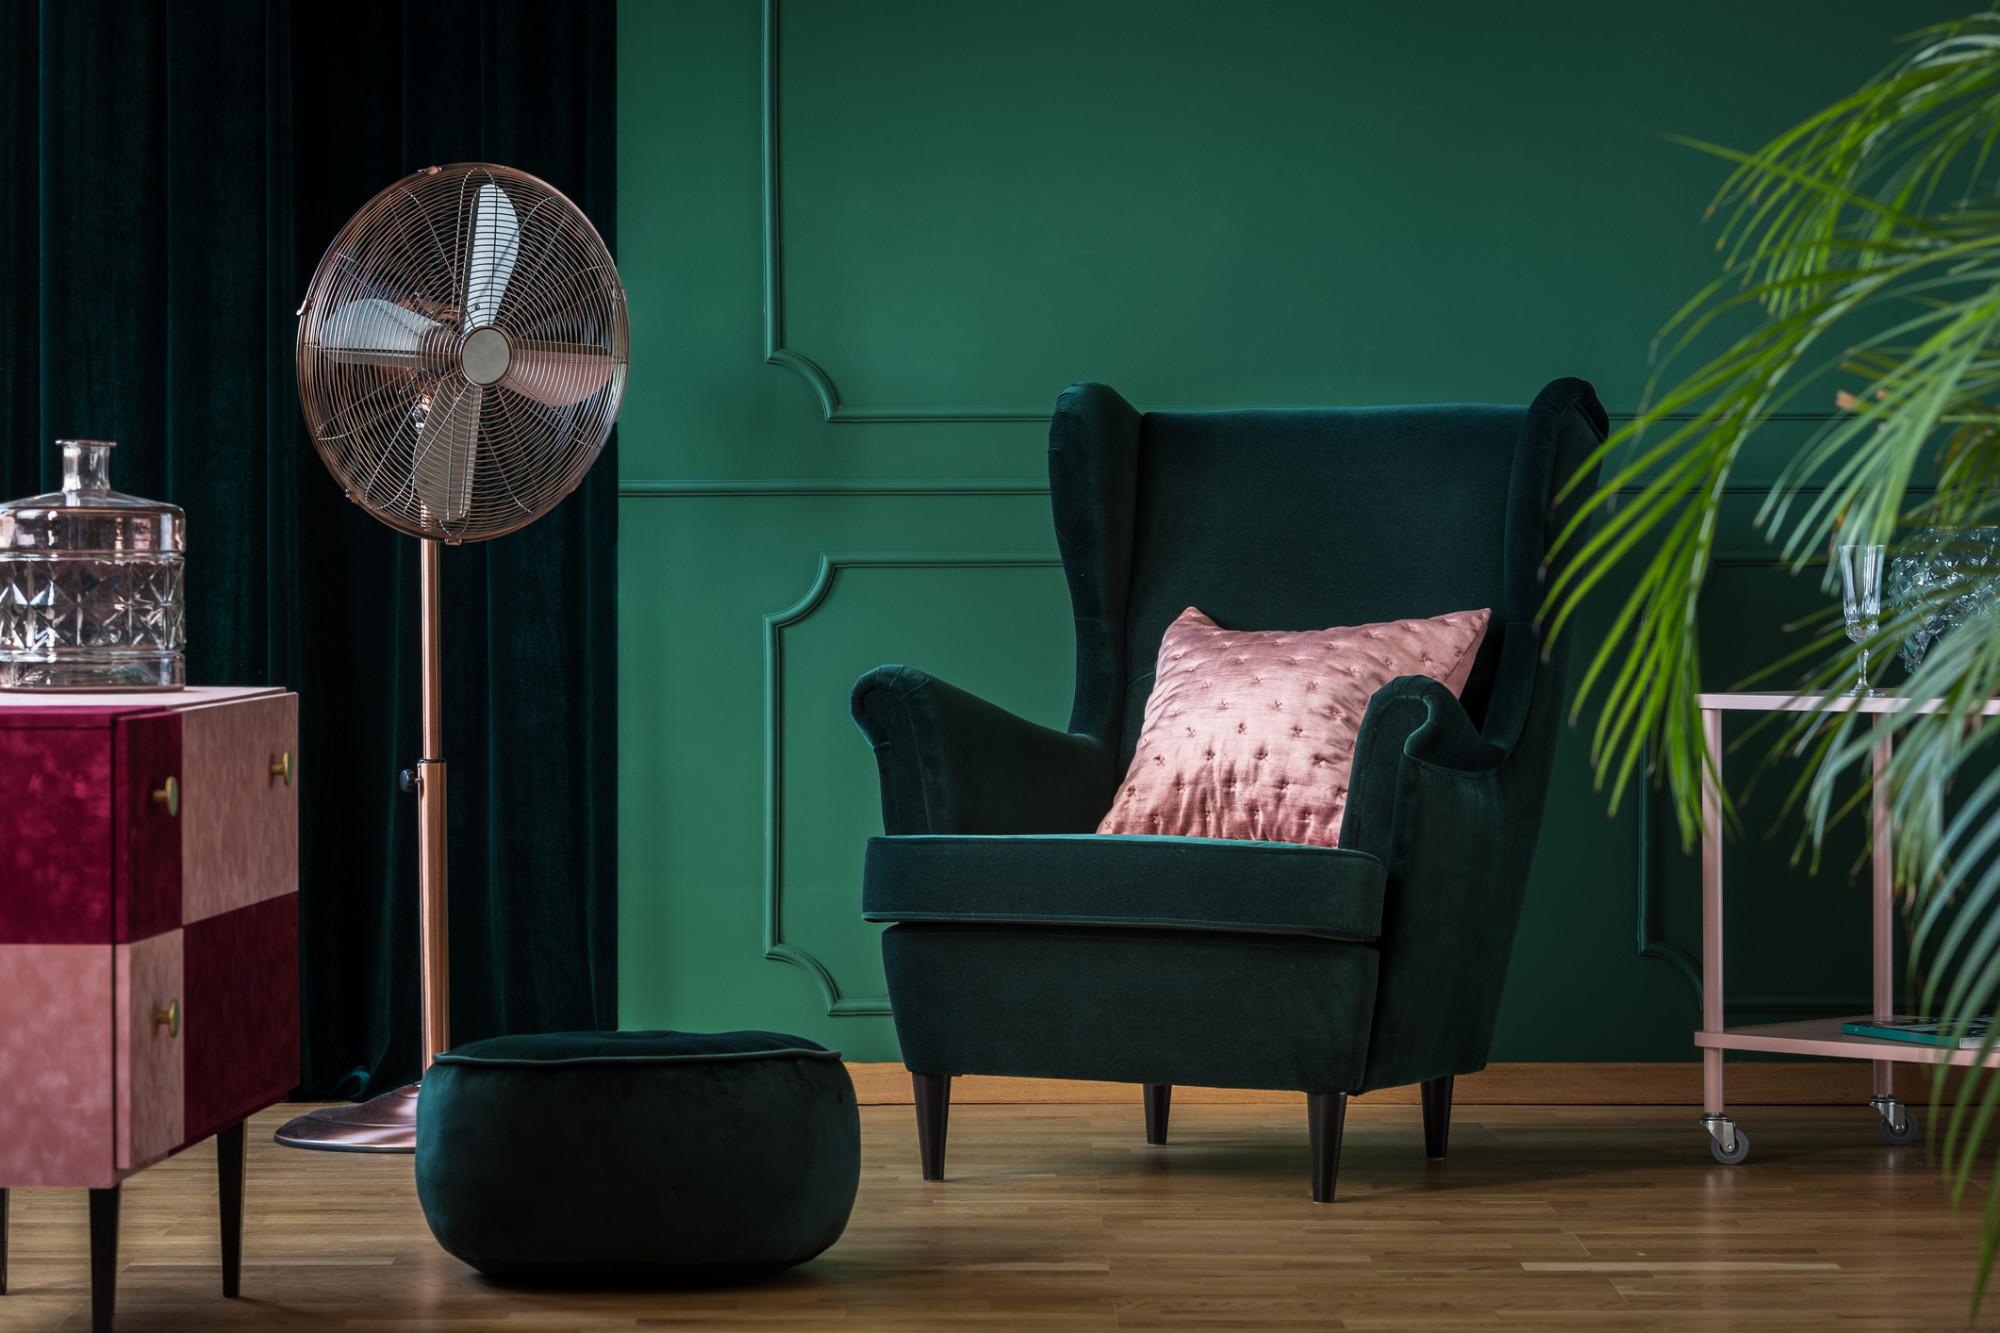 Tmavozelené kreslo ušiak v obývačke v štýle glamour